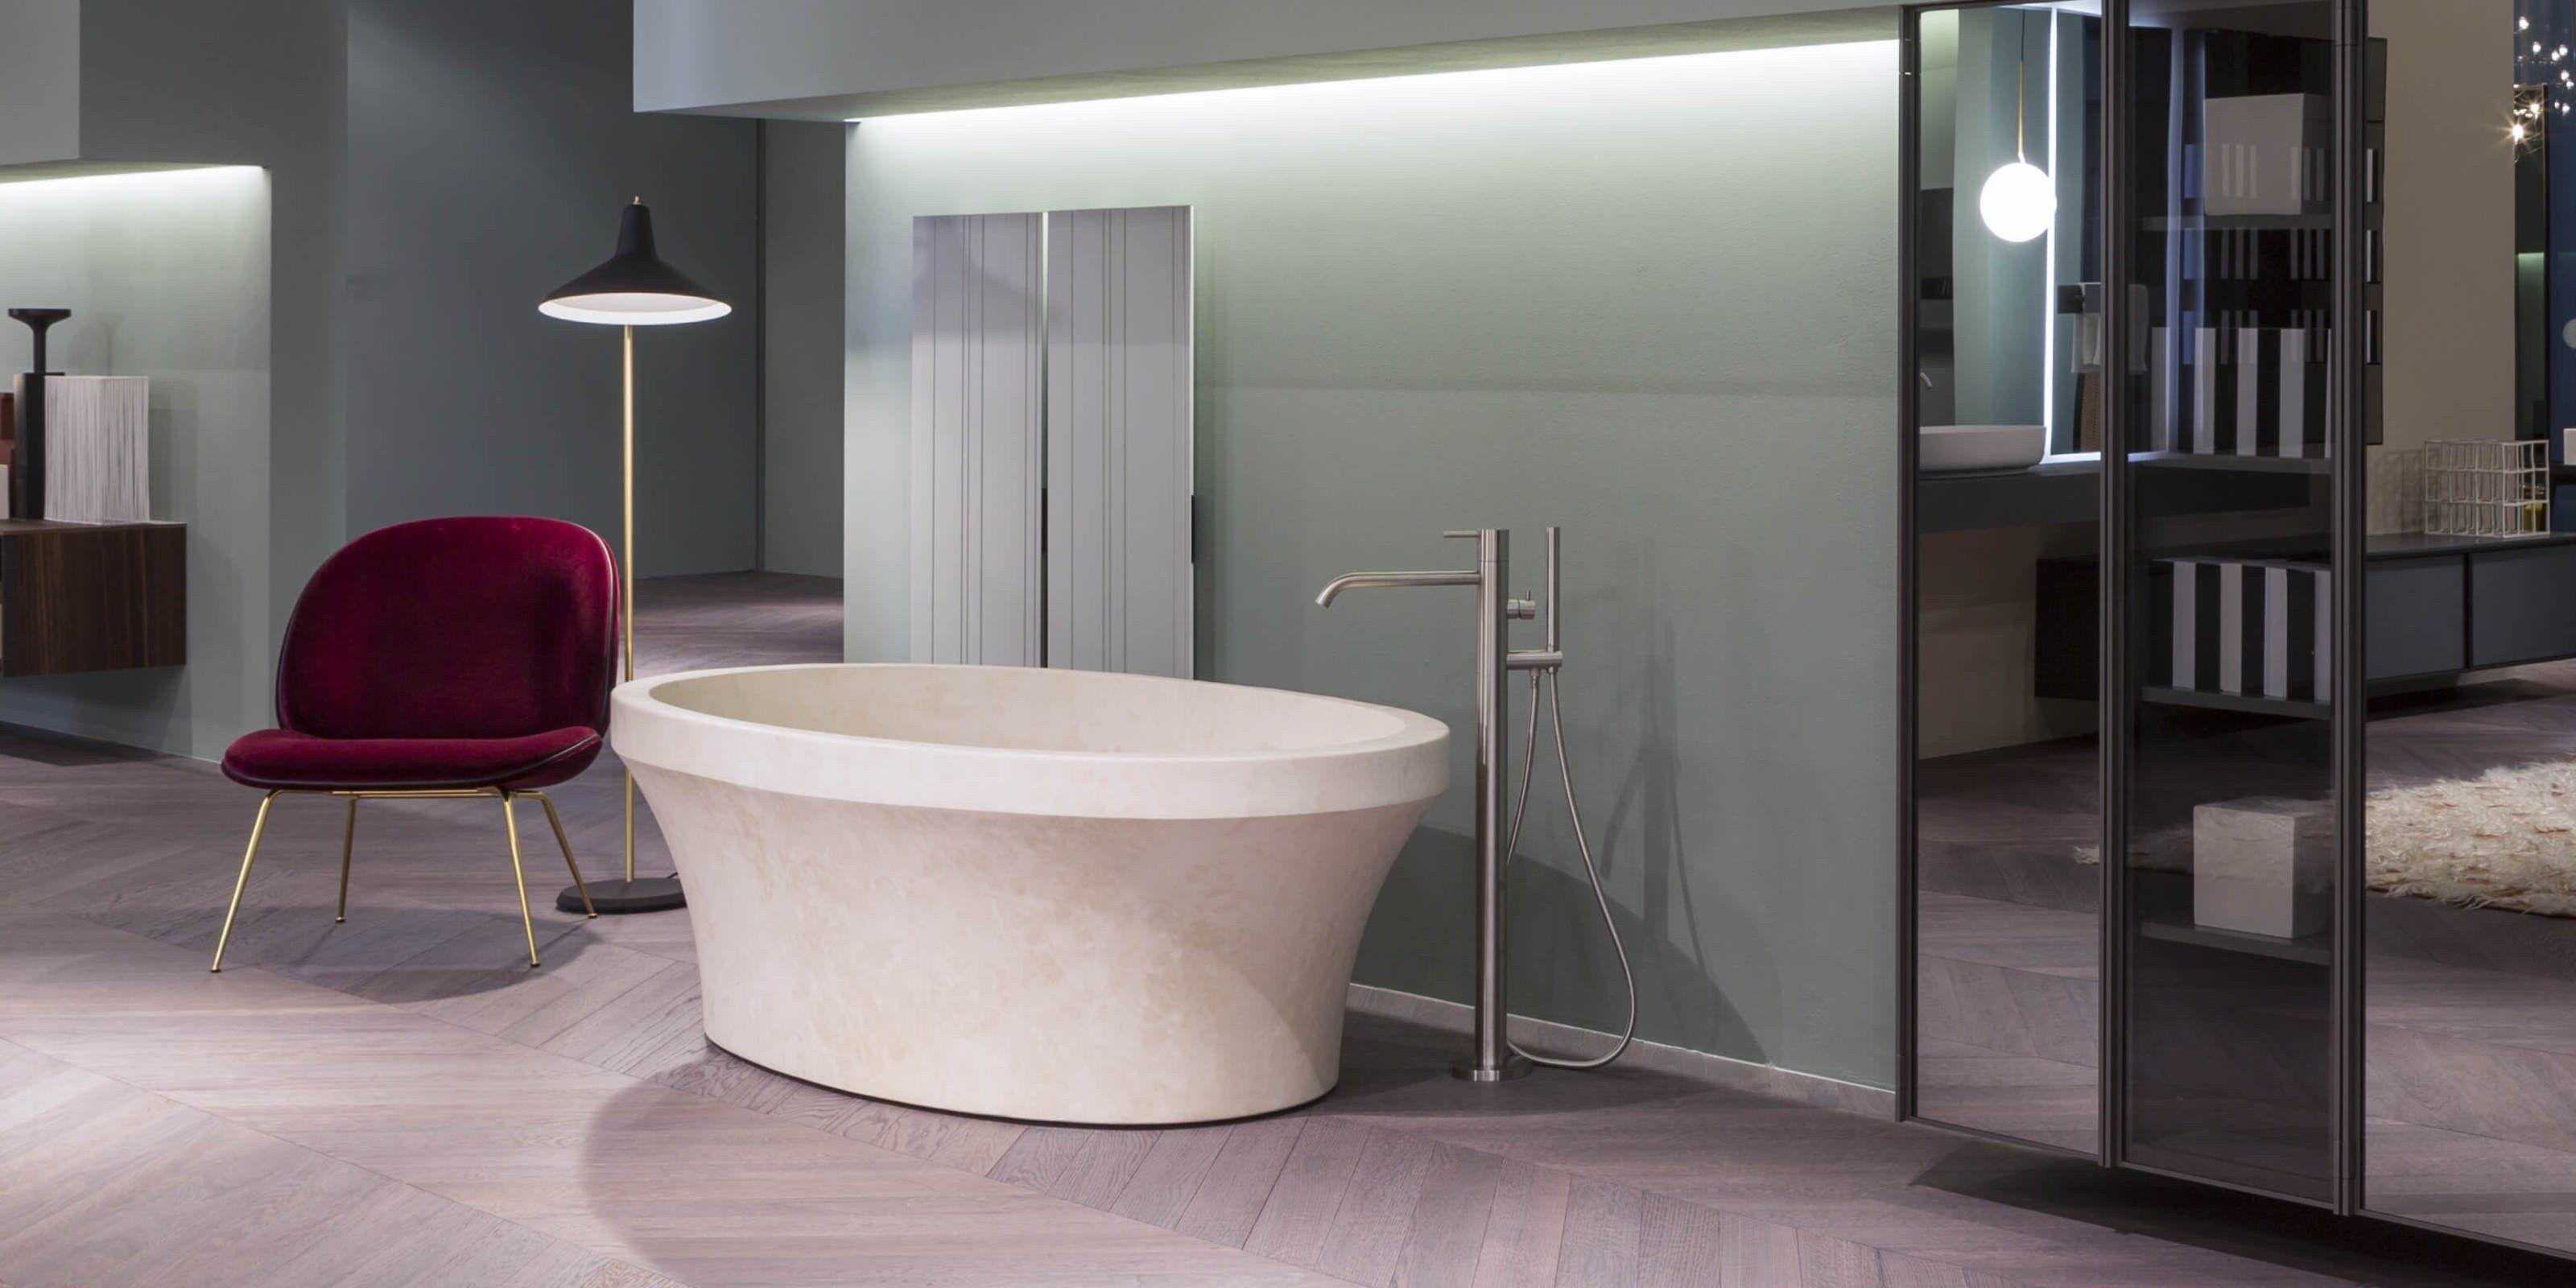 Vasca da bagno centro stanza ovale in pietra naturale EPOQUE by Antonio Lupi Design® design ...